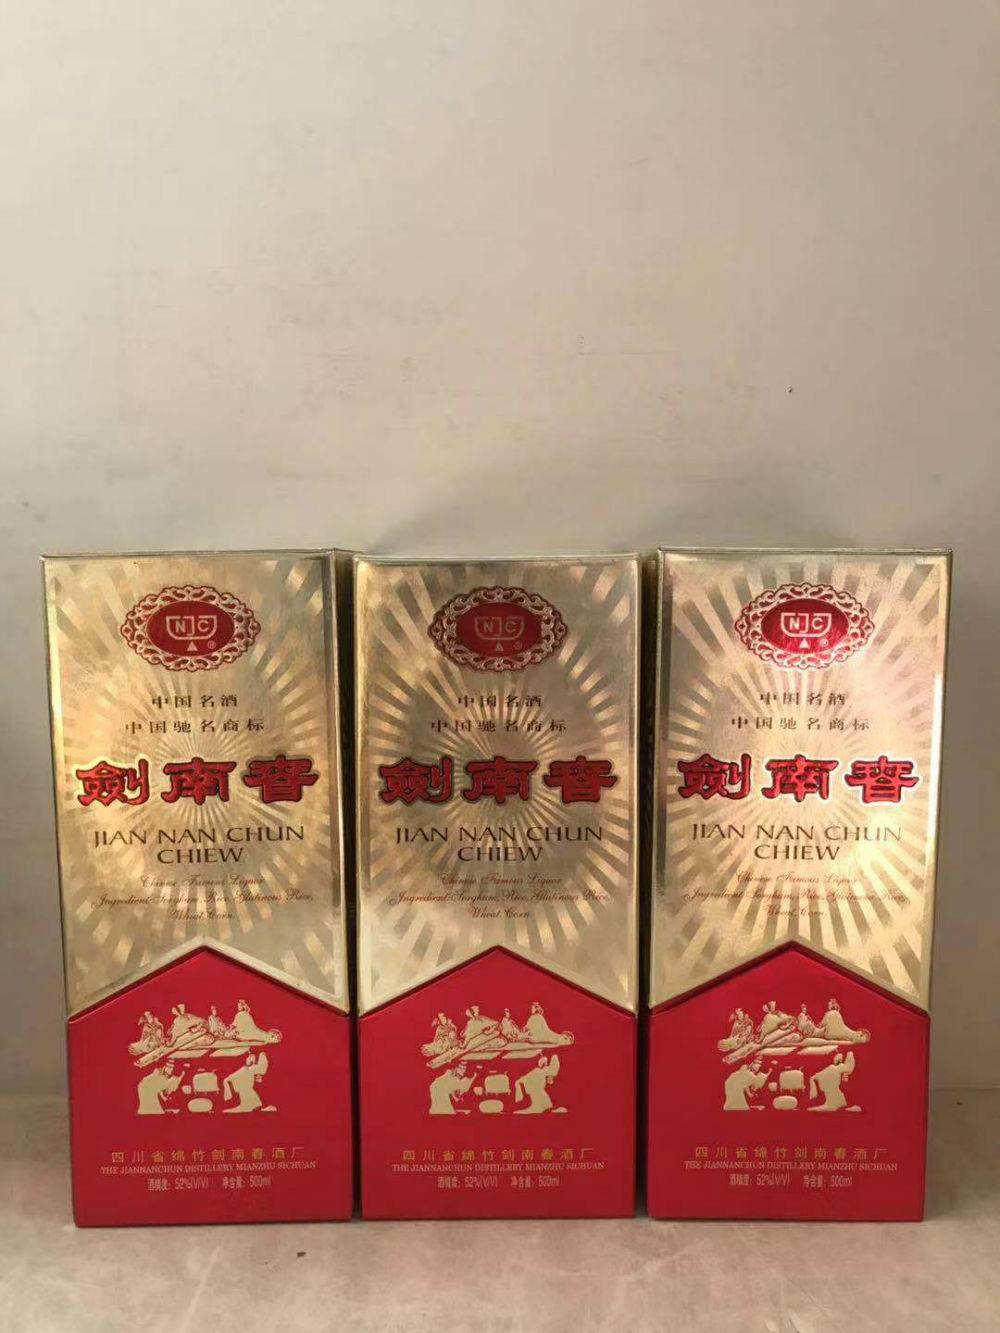 2001年 原件 剑南春6瓶 收藏品